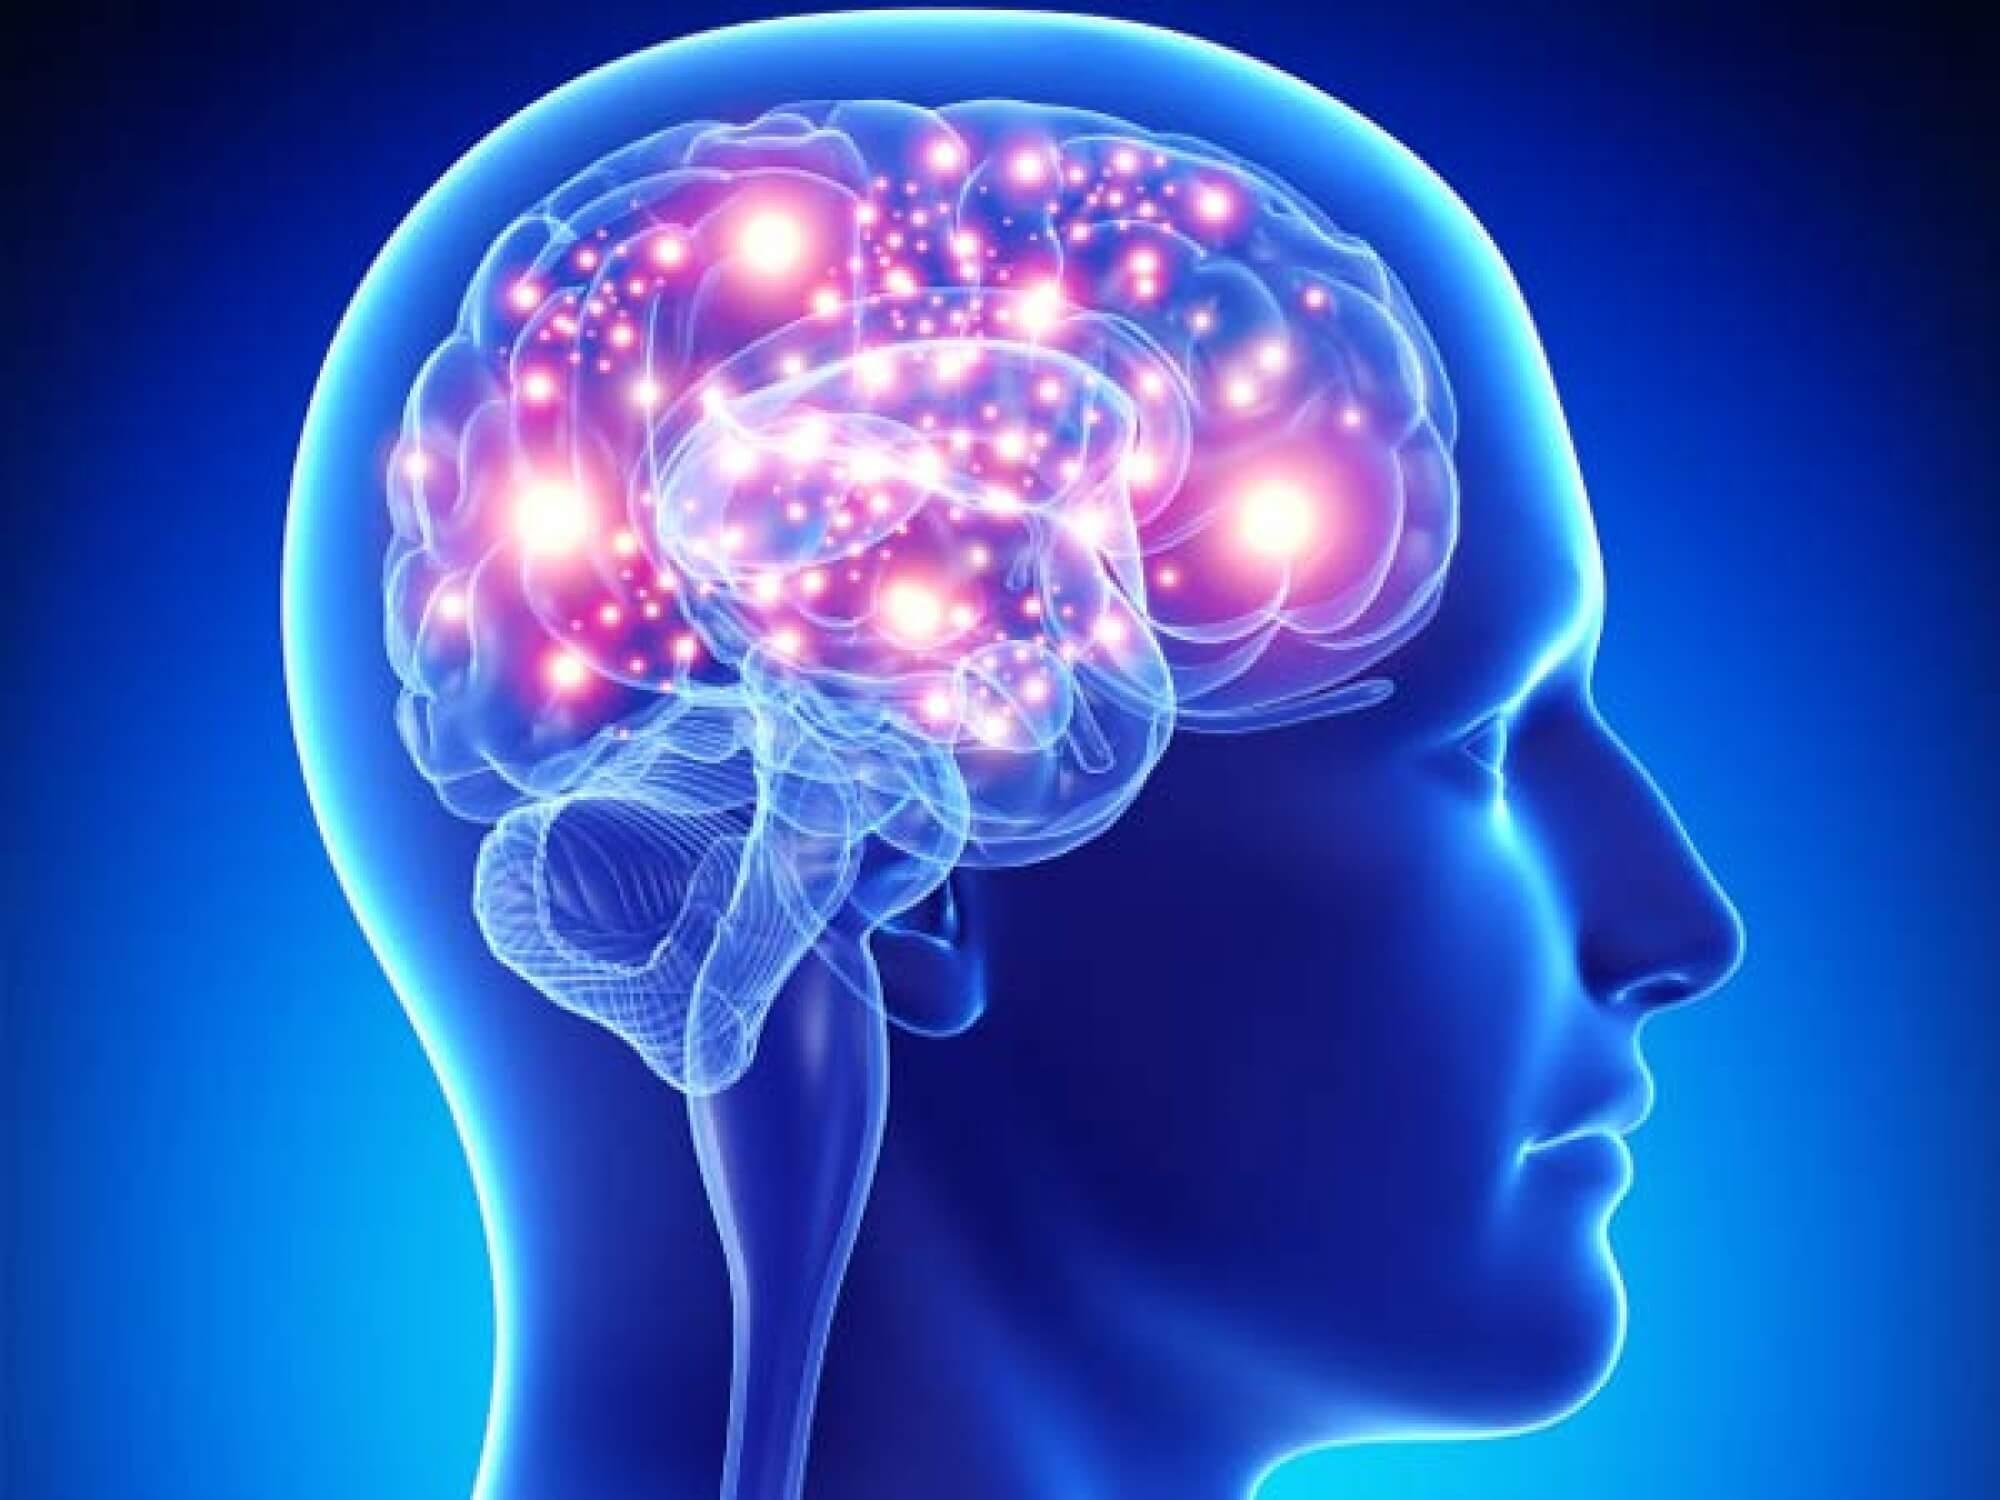 Beyniniz Değişim İstemiyor: Değişimi Başarabilmenin 5 Yolu